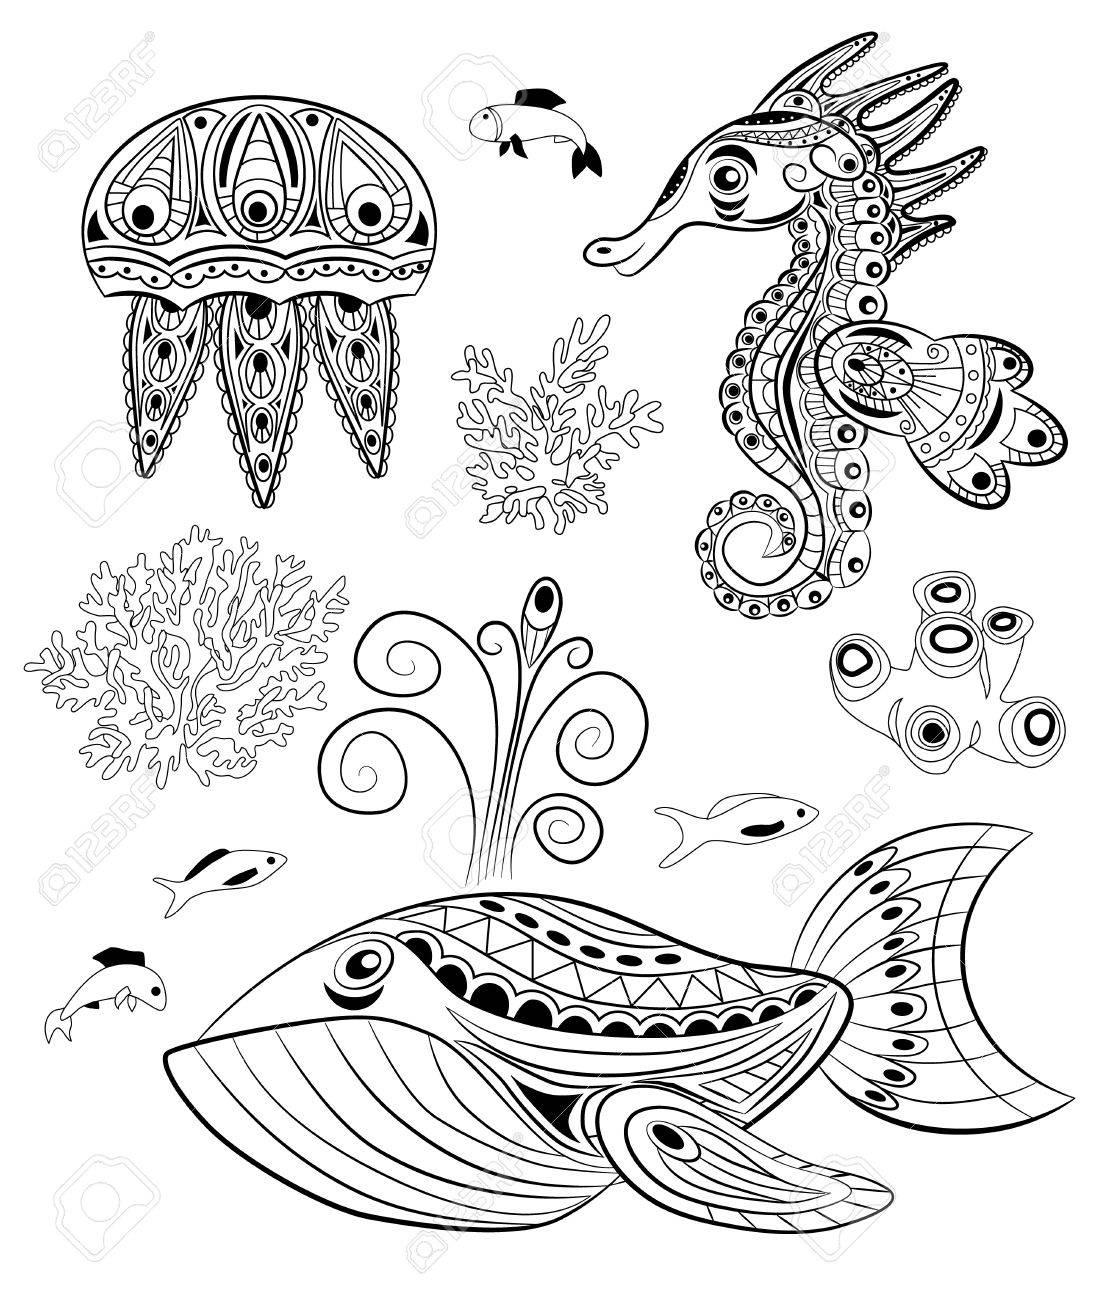 落書き海の動物のセットです塗り絵のイラスト素材ベクタ Image